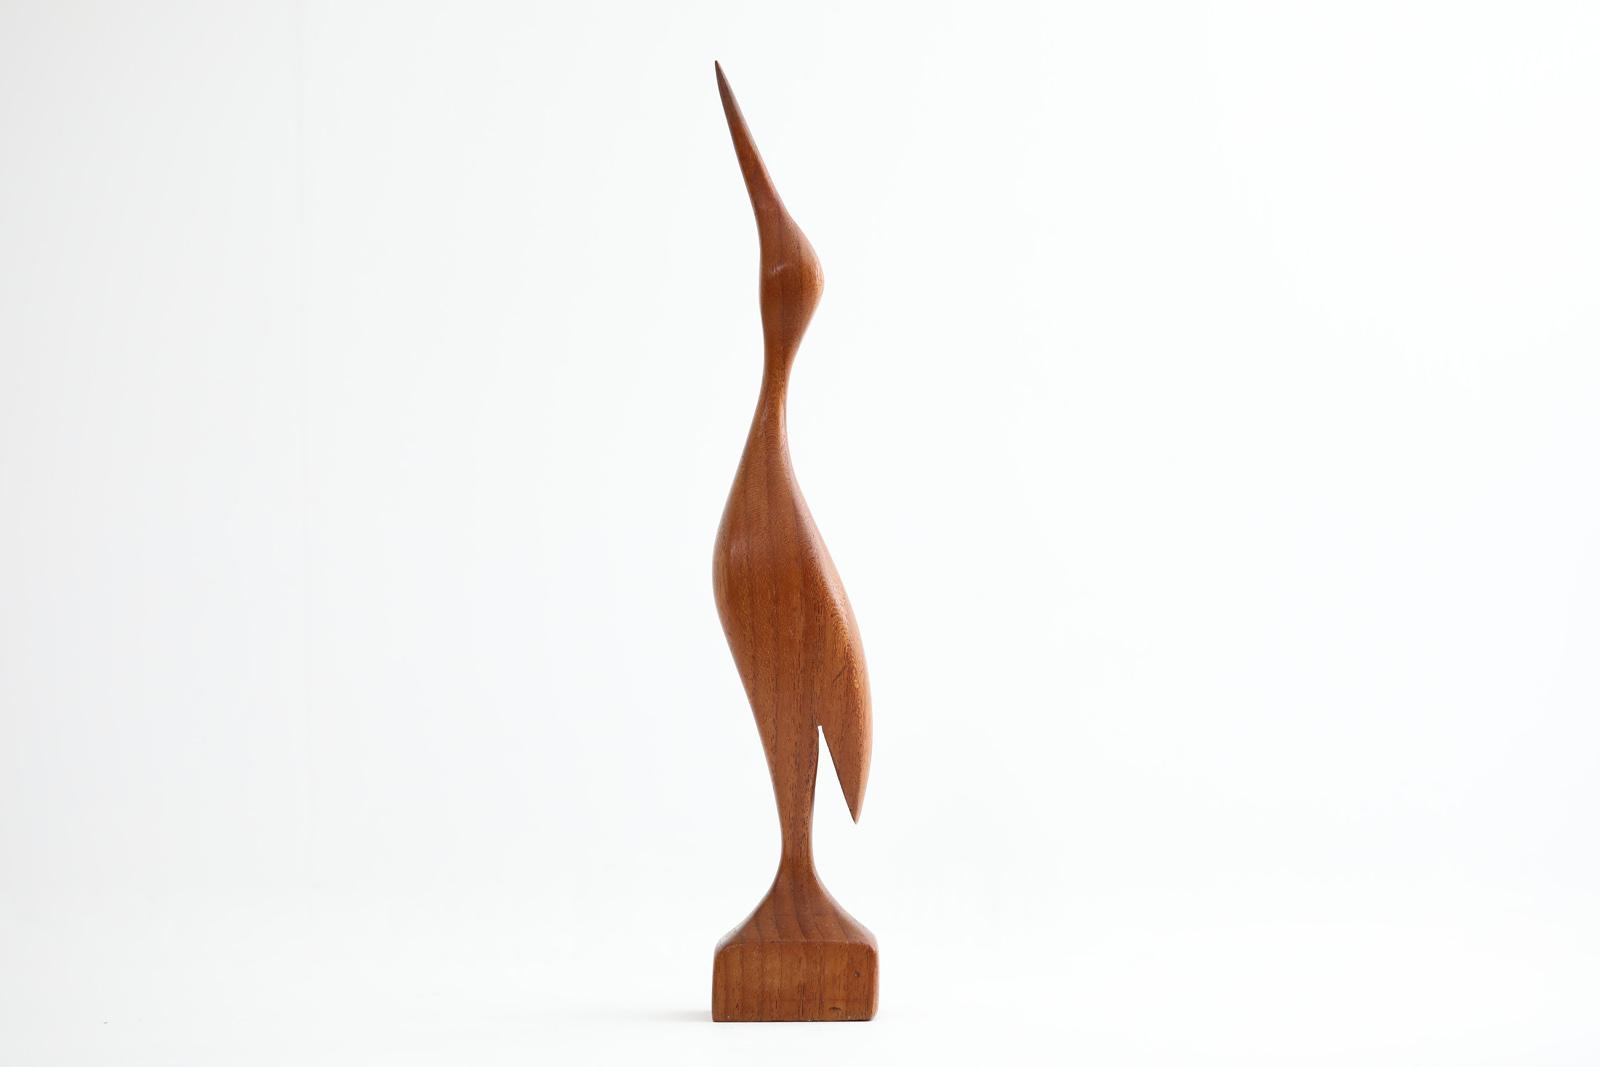 北欧ビンテージ雑貨 チーク材無垢材でできた鳥のアートピース/オブジェ 高さ36cm【北欧雑貨 ビンテージ雑貨 アンティーク品 置物 オブジェ 天然木 インテリア アートピース】